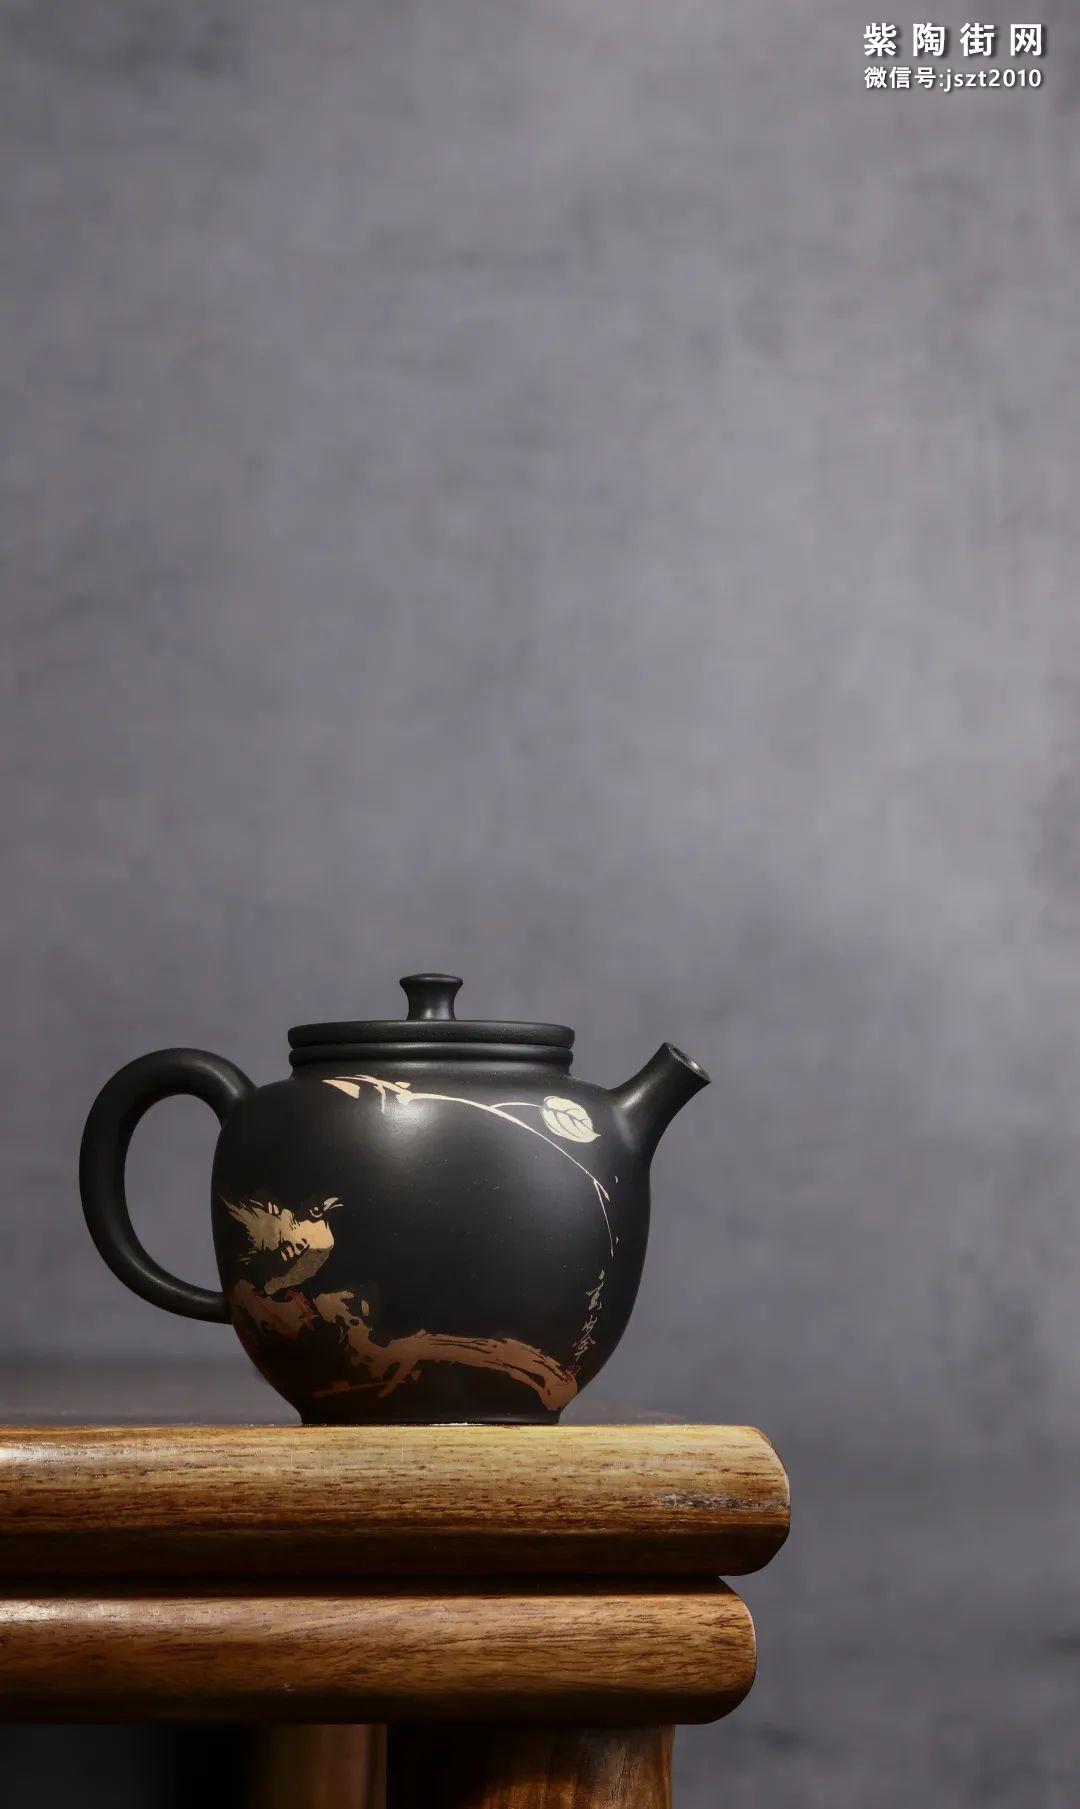 朱玄峰建水紫陶壶欣赏插图11